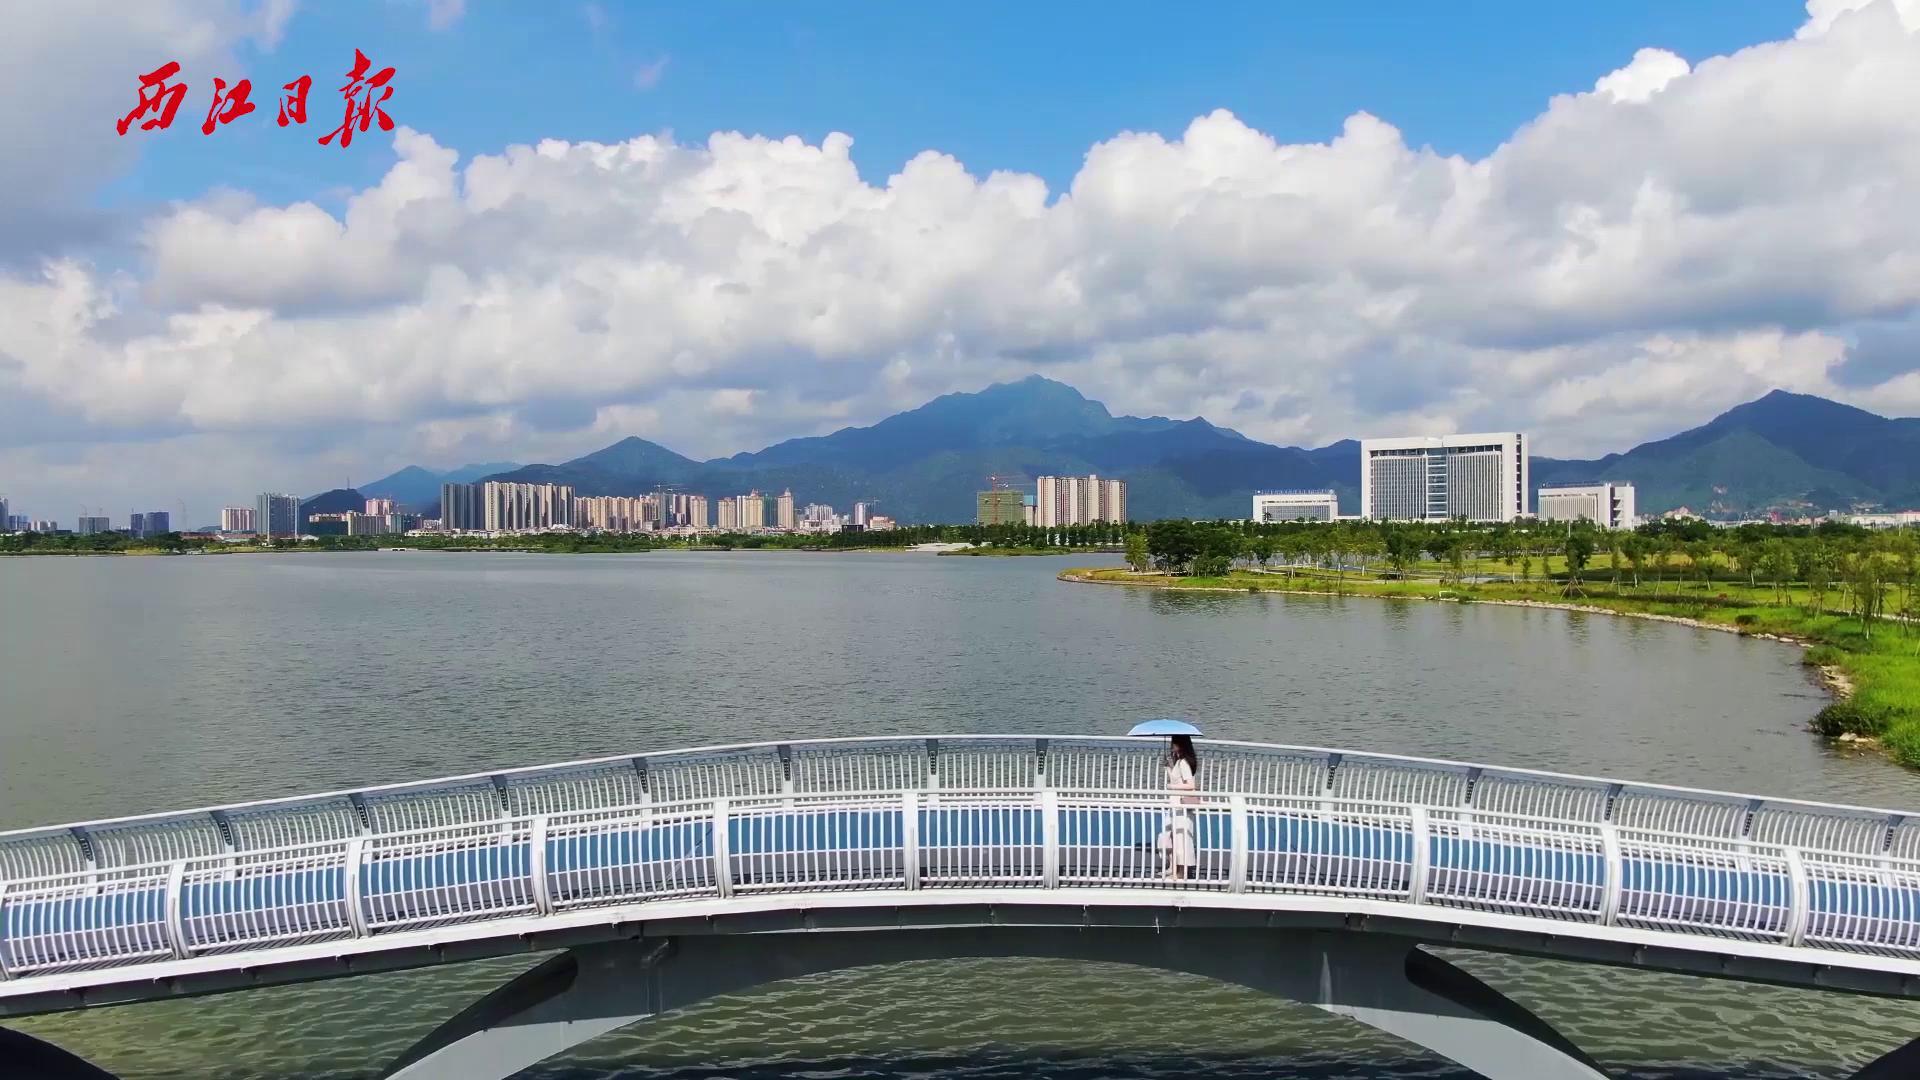 打卡网红地——肇庆新区砚阳湖